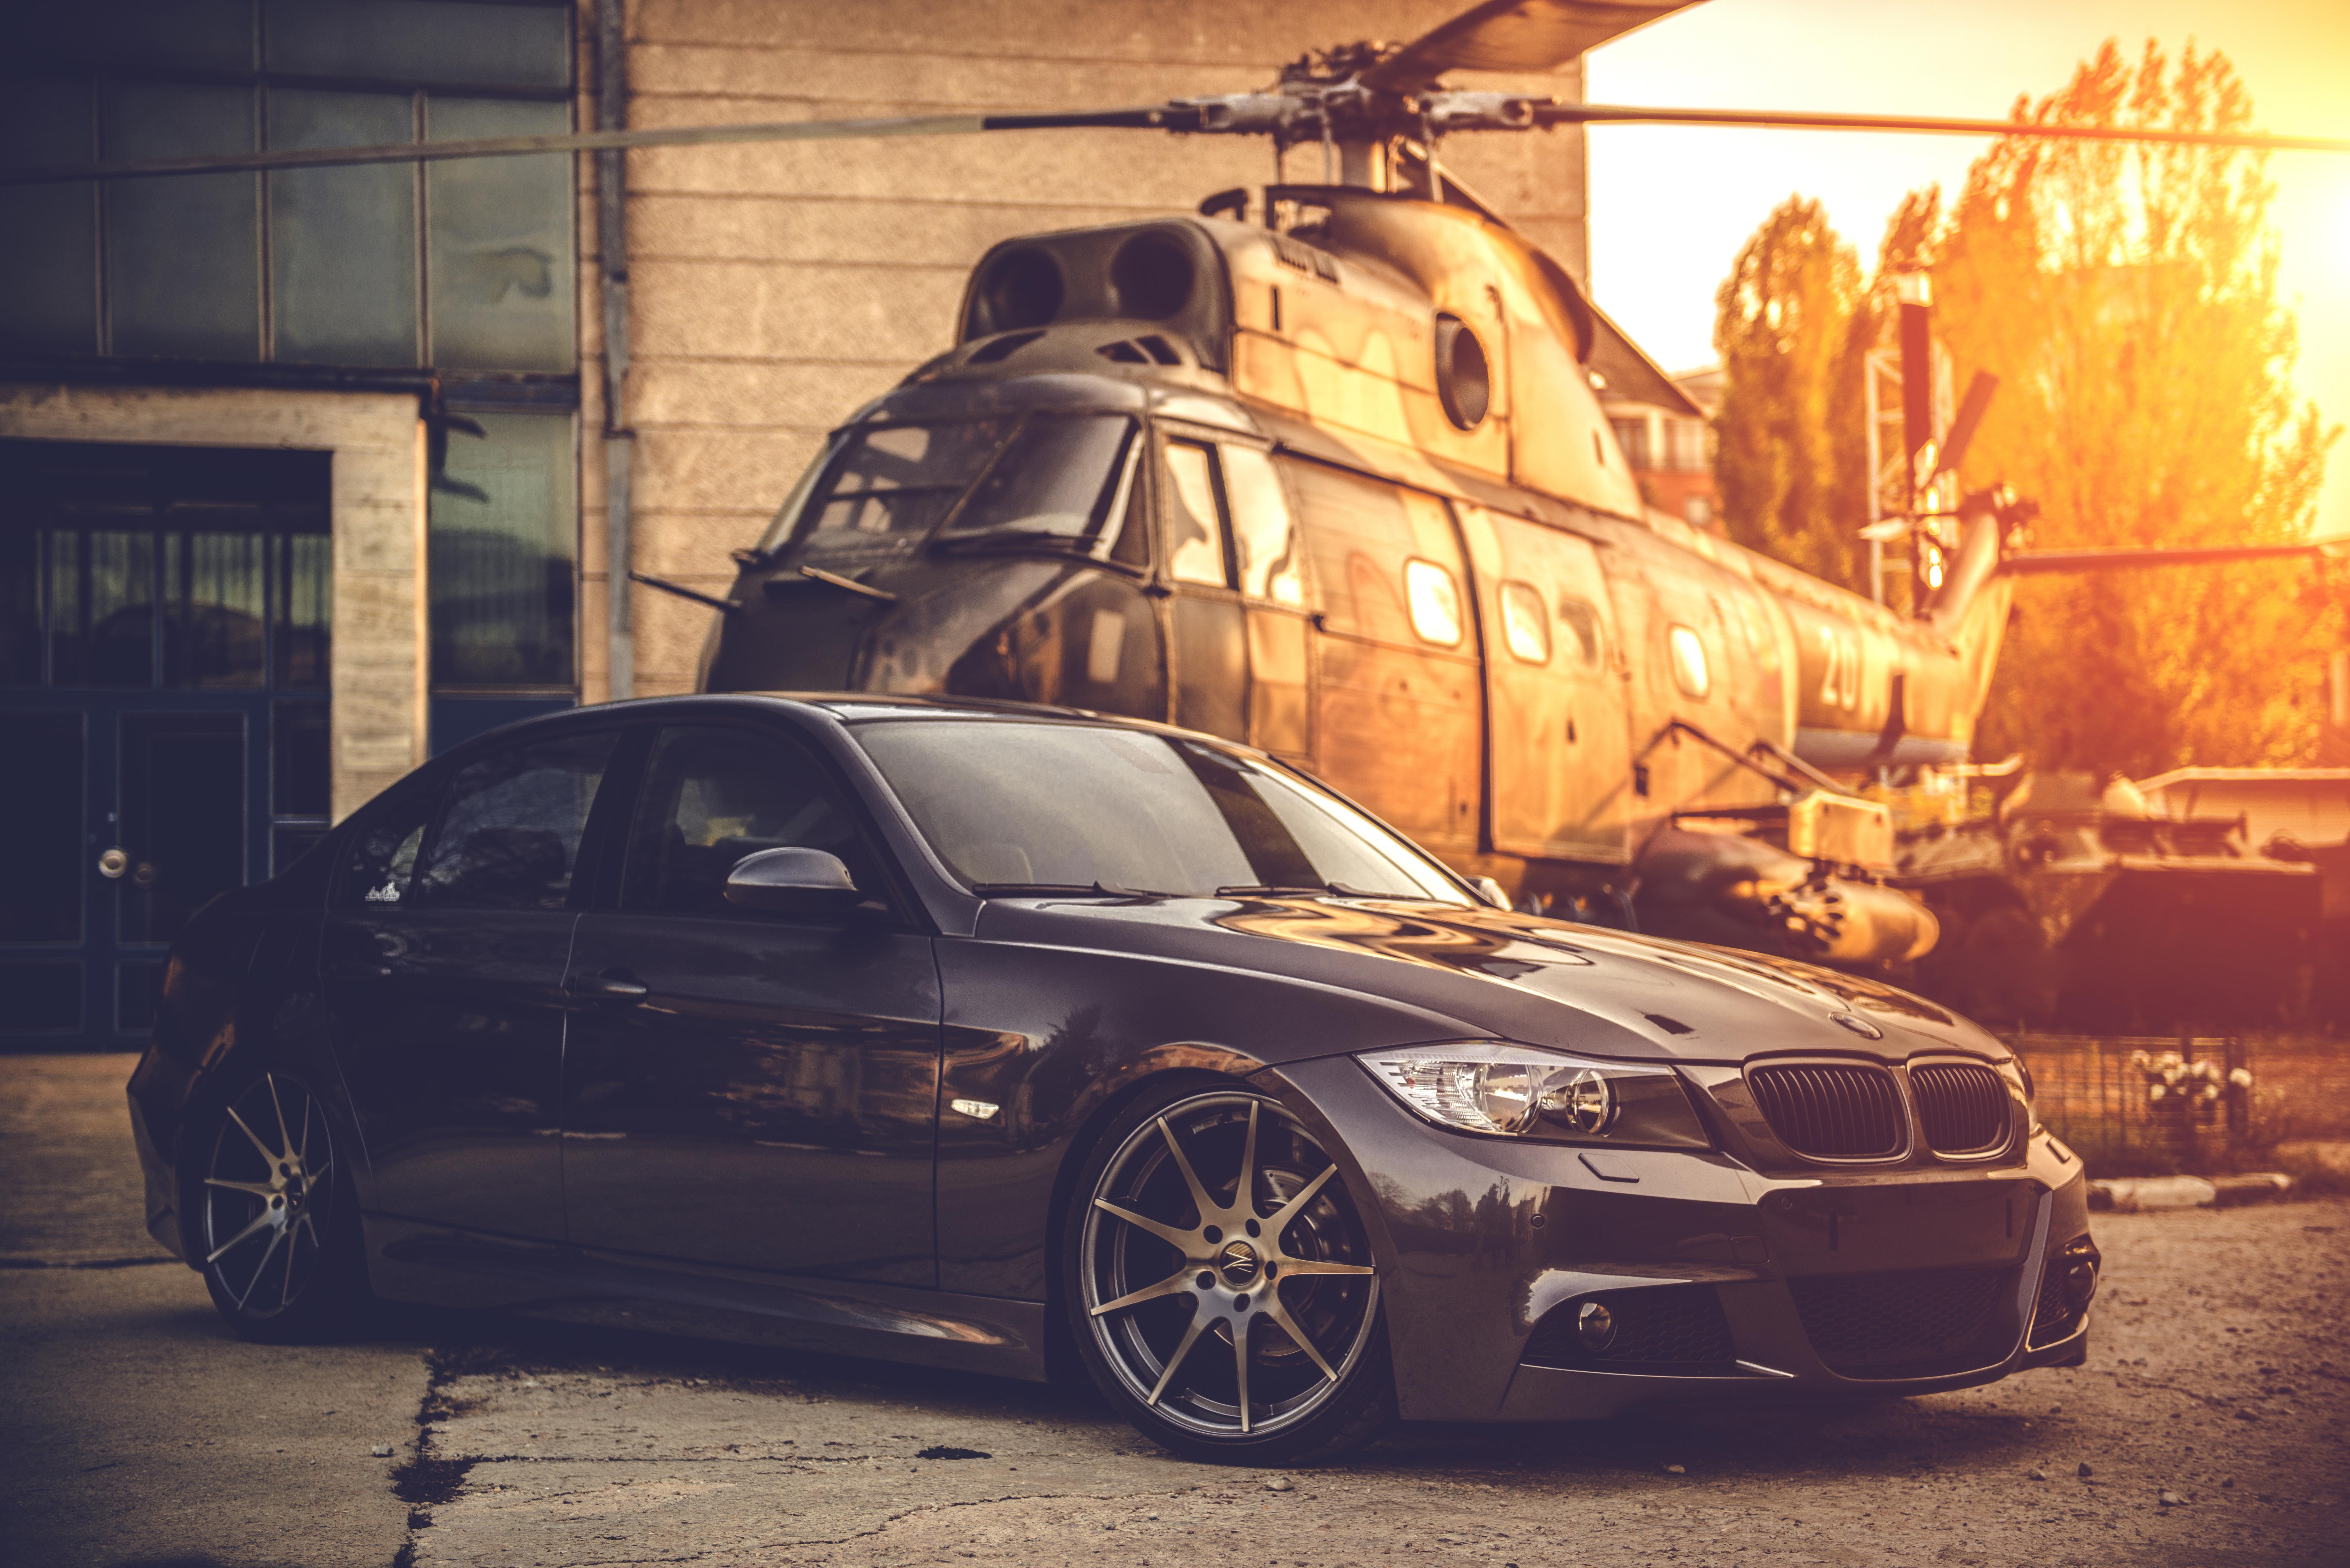 72254 Hintergrundbild herunterladen Bmw, Hubschrauber, Cars, Das Schwarze, E90, Tief Konkav - Bildschirmschoner und Bilder kostenlos